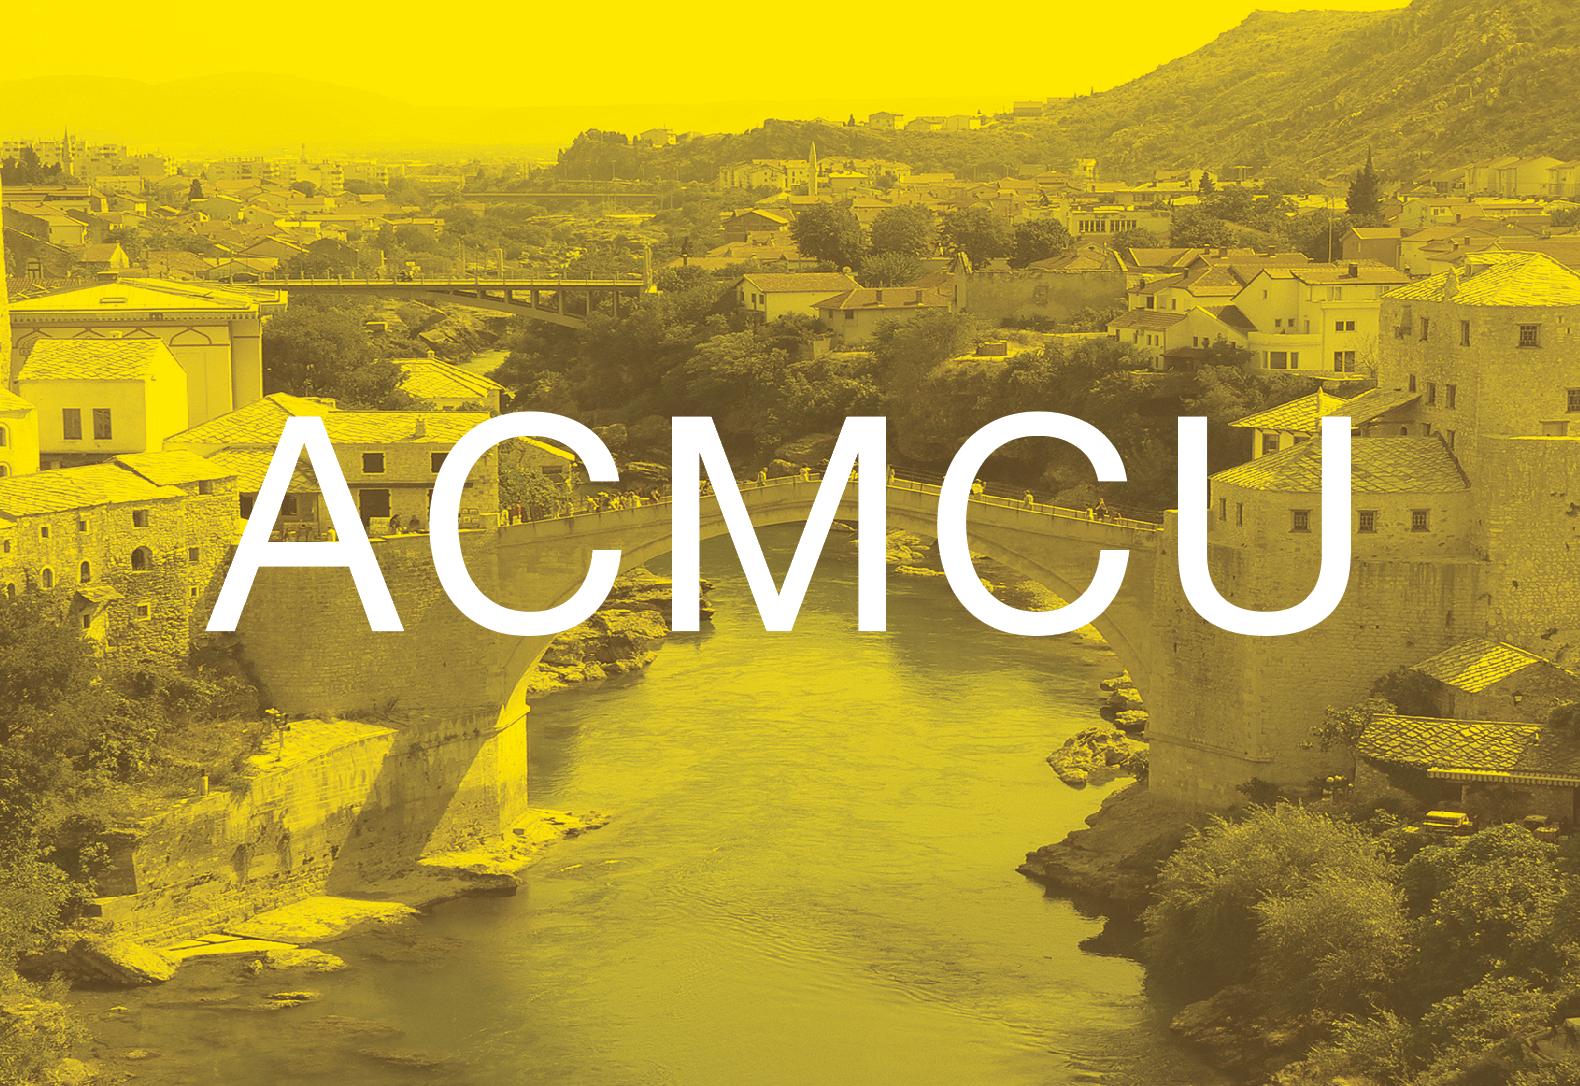 ACMCU acronym